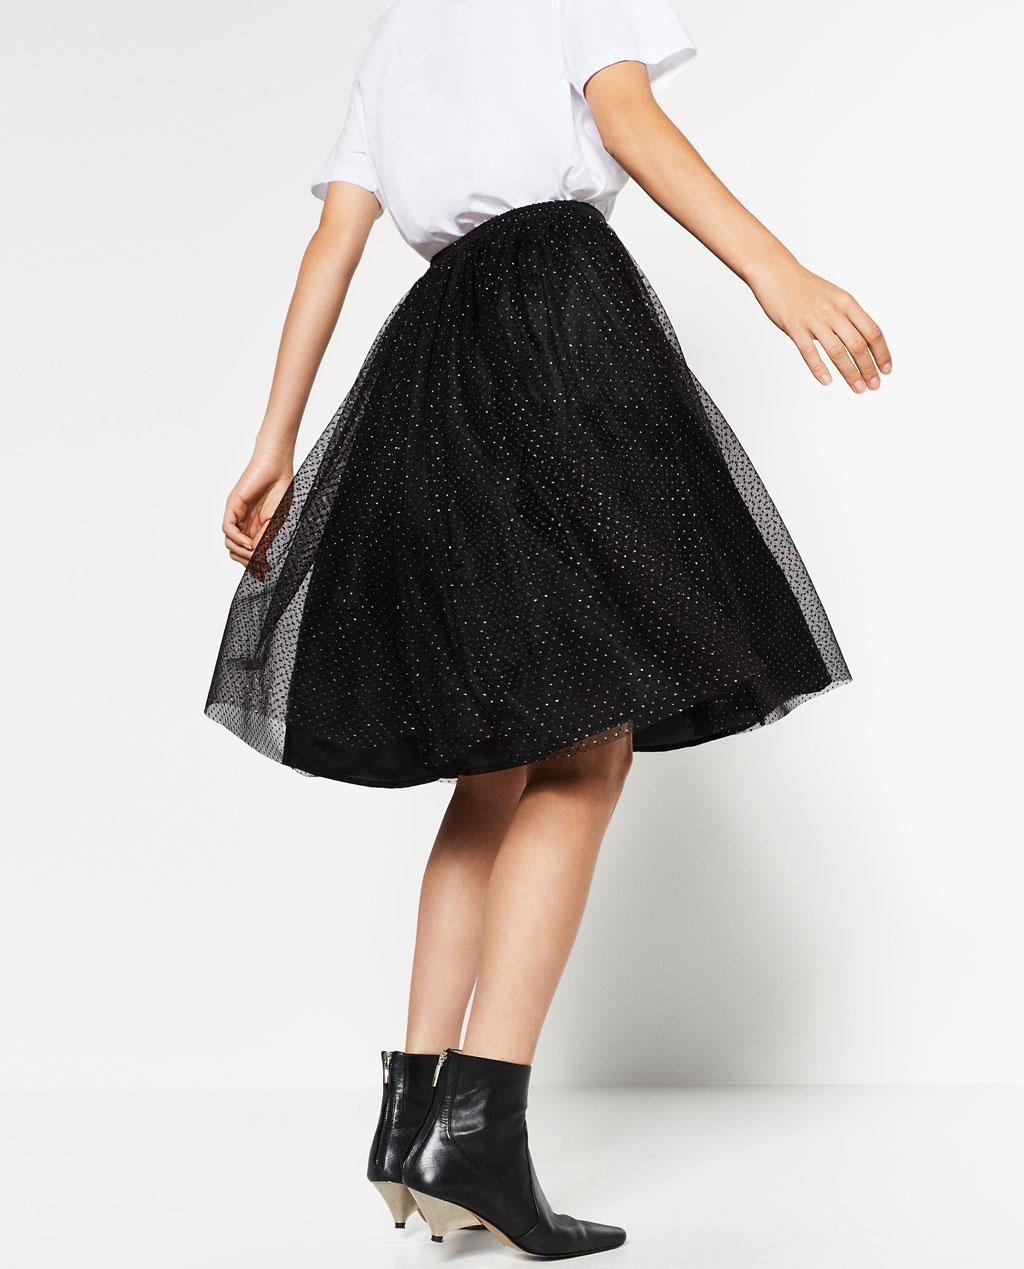 47bbc624abc ... se llevan mucho las faldas de tul estilo bailarina, también veremos  algunos vestidos con este estilo y las míticas bailarinas atadas o con  lazada que ya ...